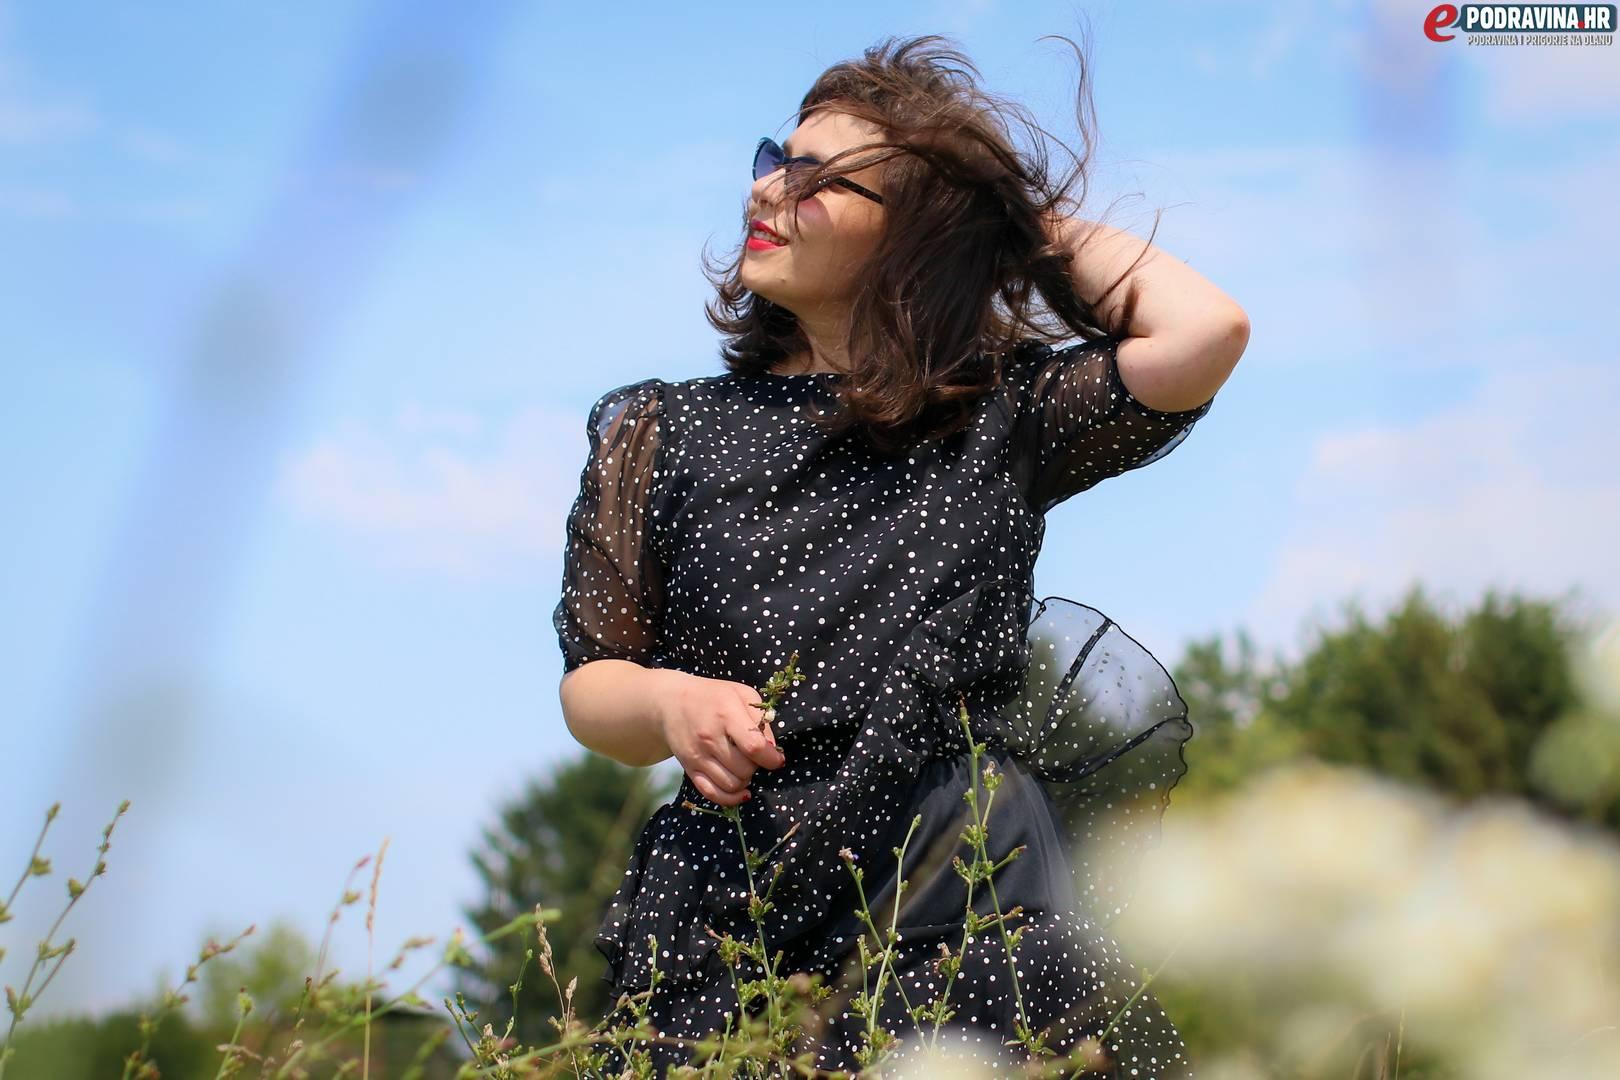 Foto: Matija Gudlin